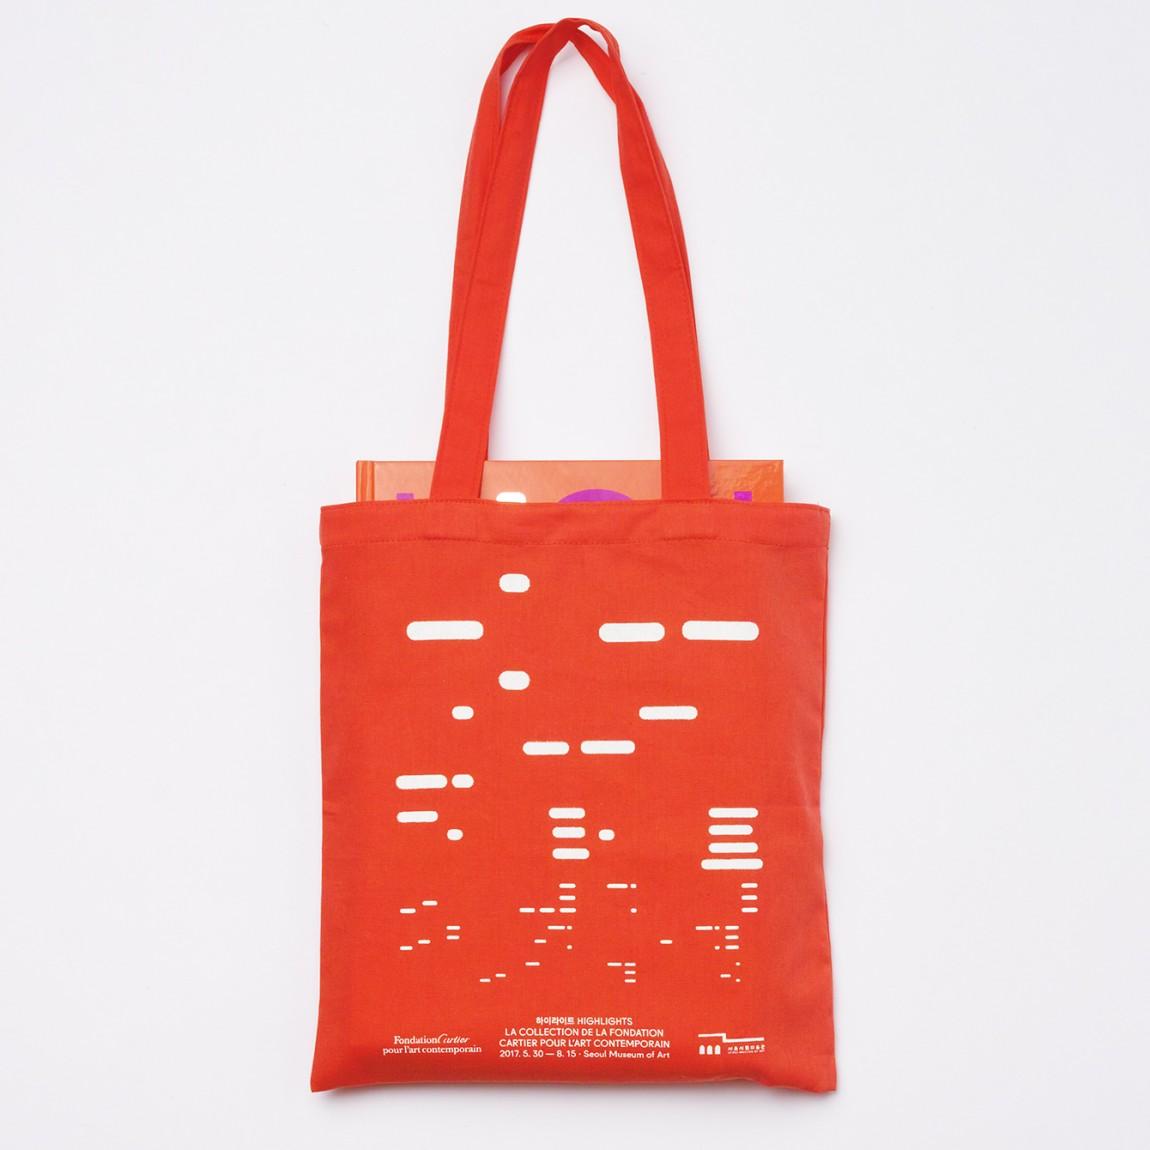 法国当代艺术博物馆作品展(Highlights)品牌创意整体形象设计,手提袋设计